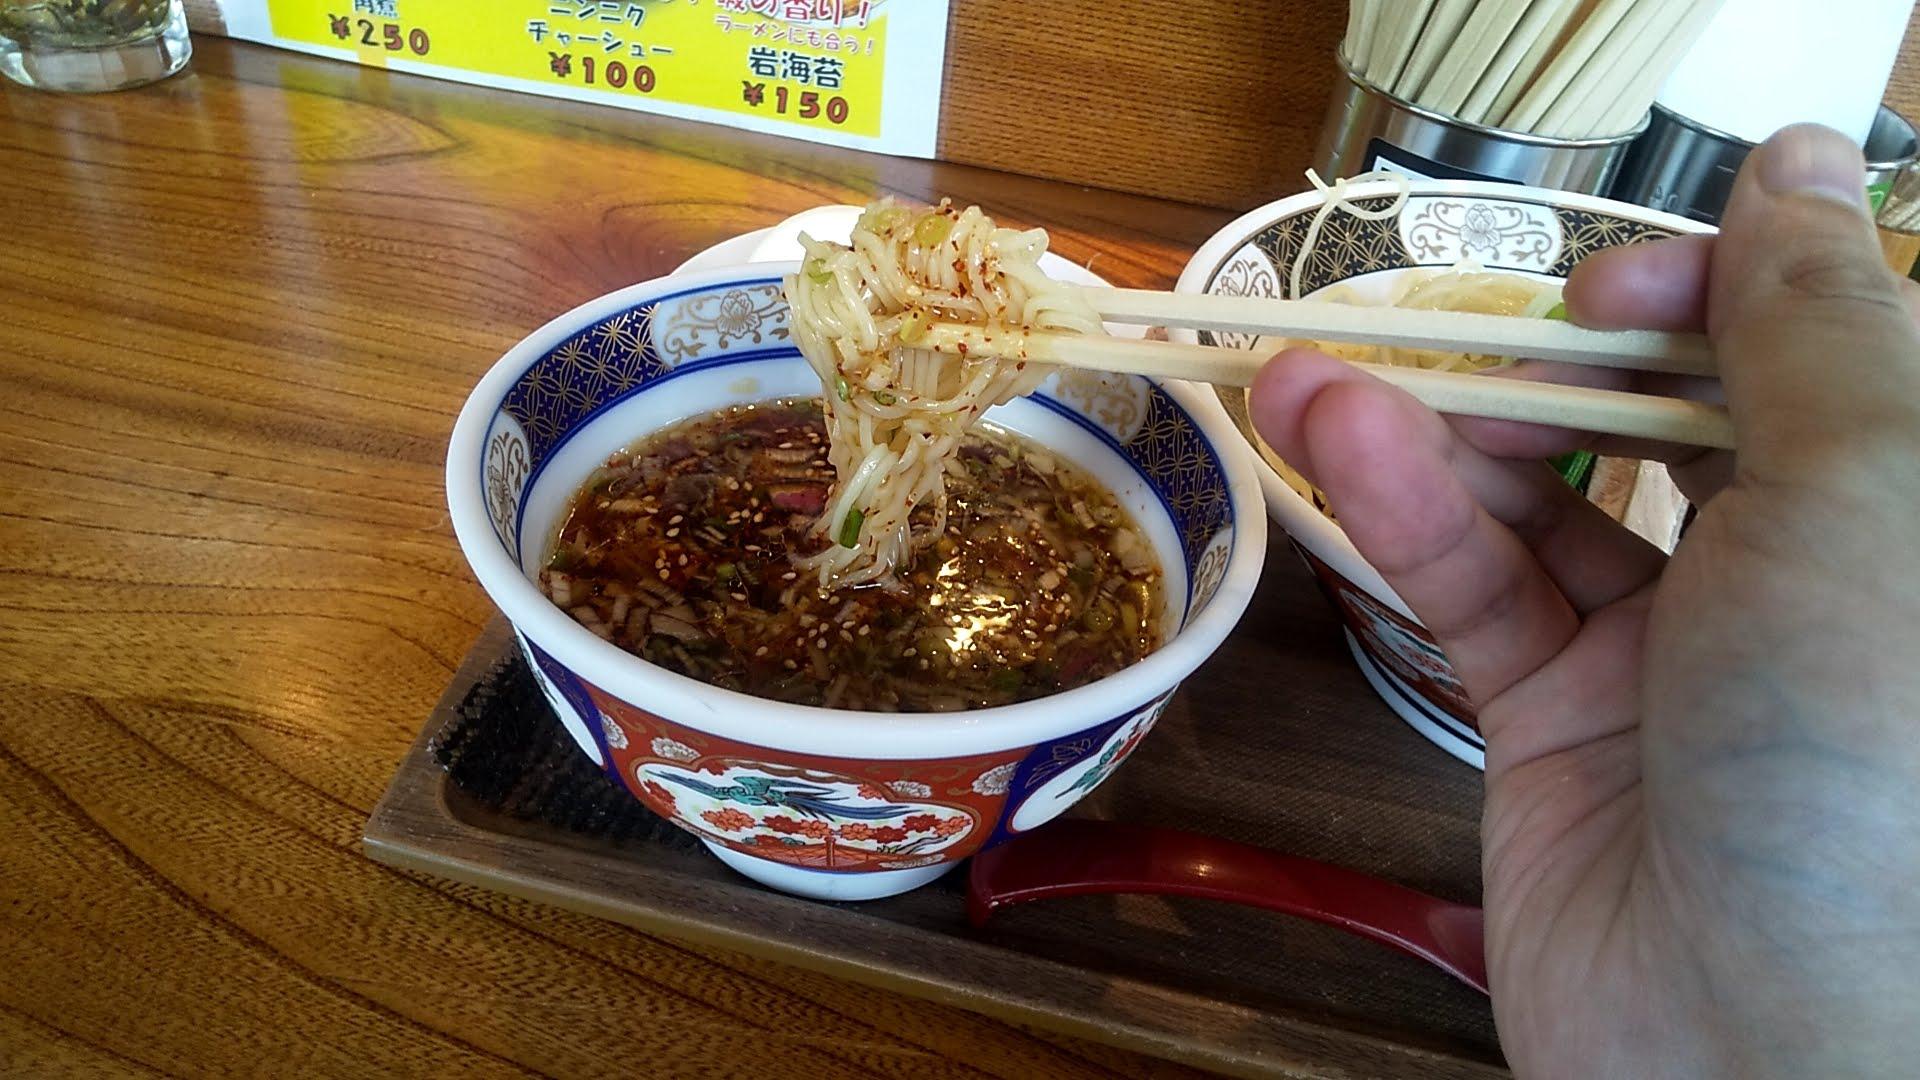 ラーメン凪浅草店の特製煮干しざる中華の麺リフト